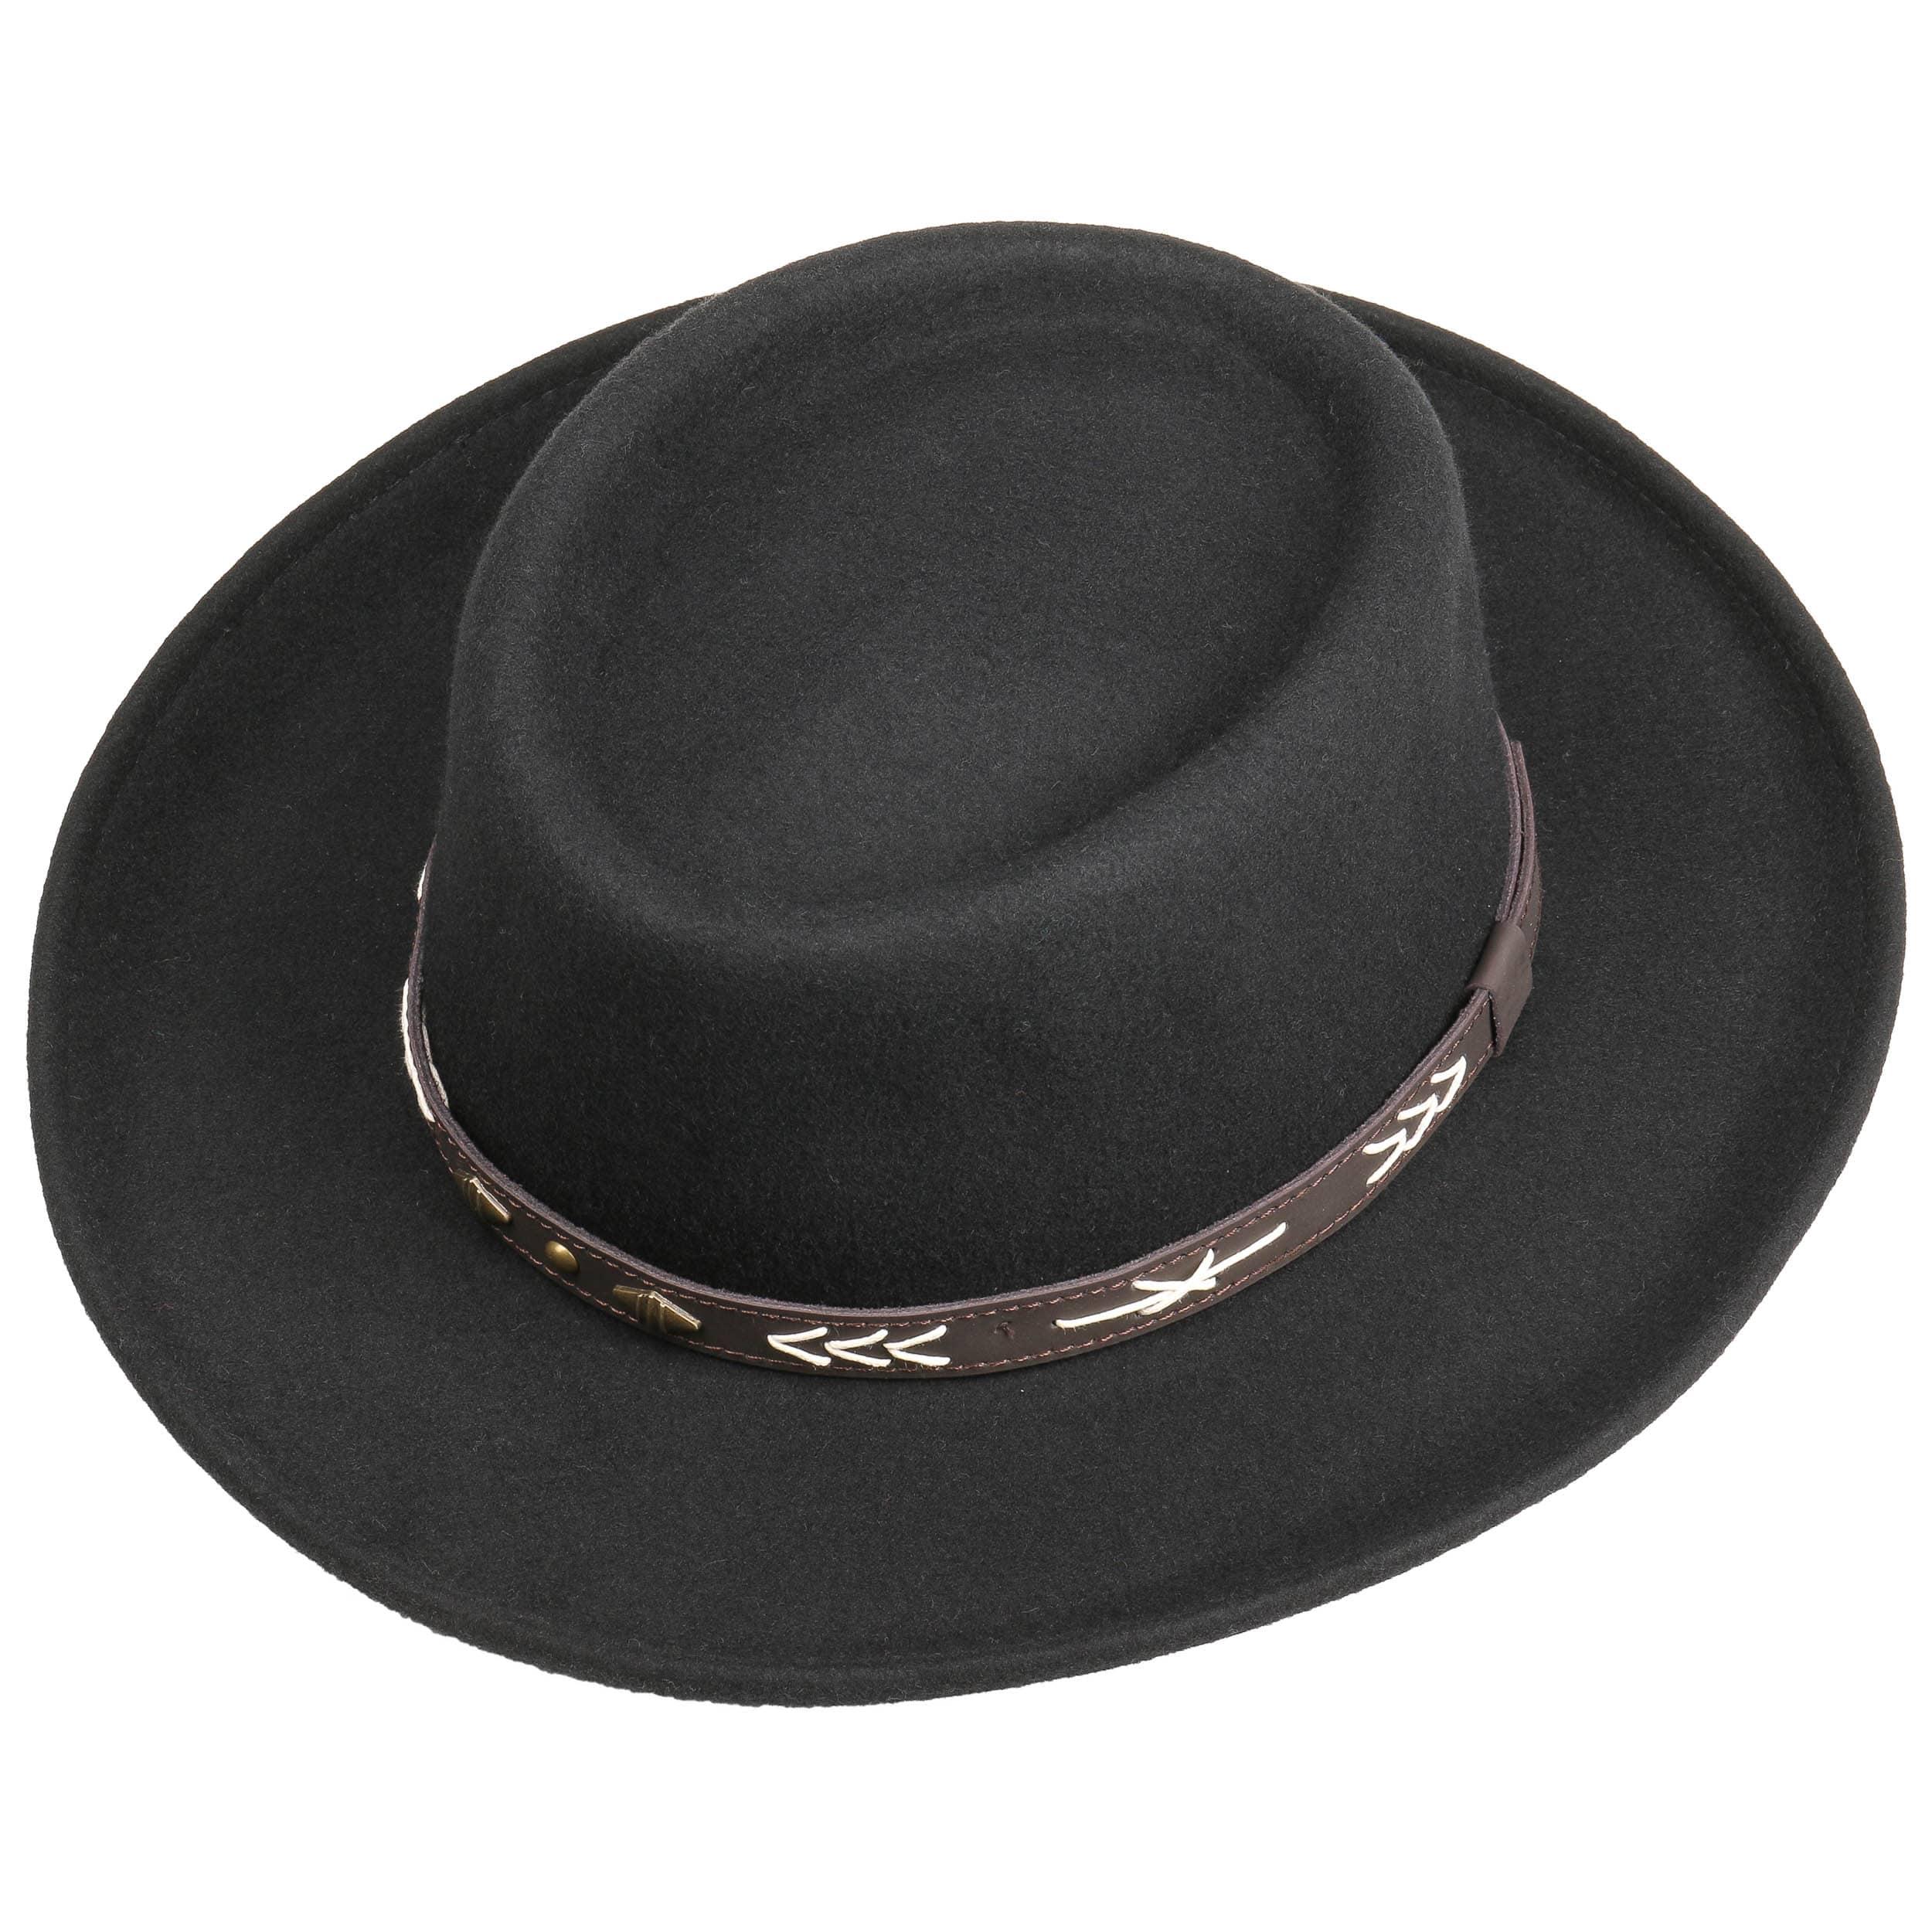 3058edd322e02 Arizo Gambler Wool Felt Hat by Conner